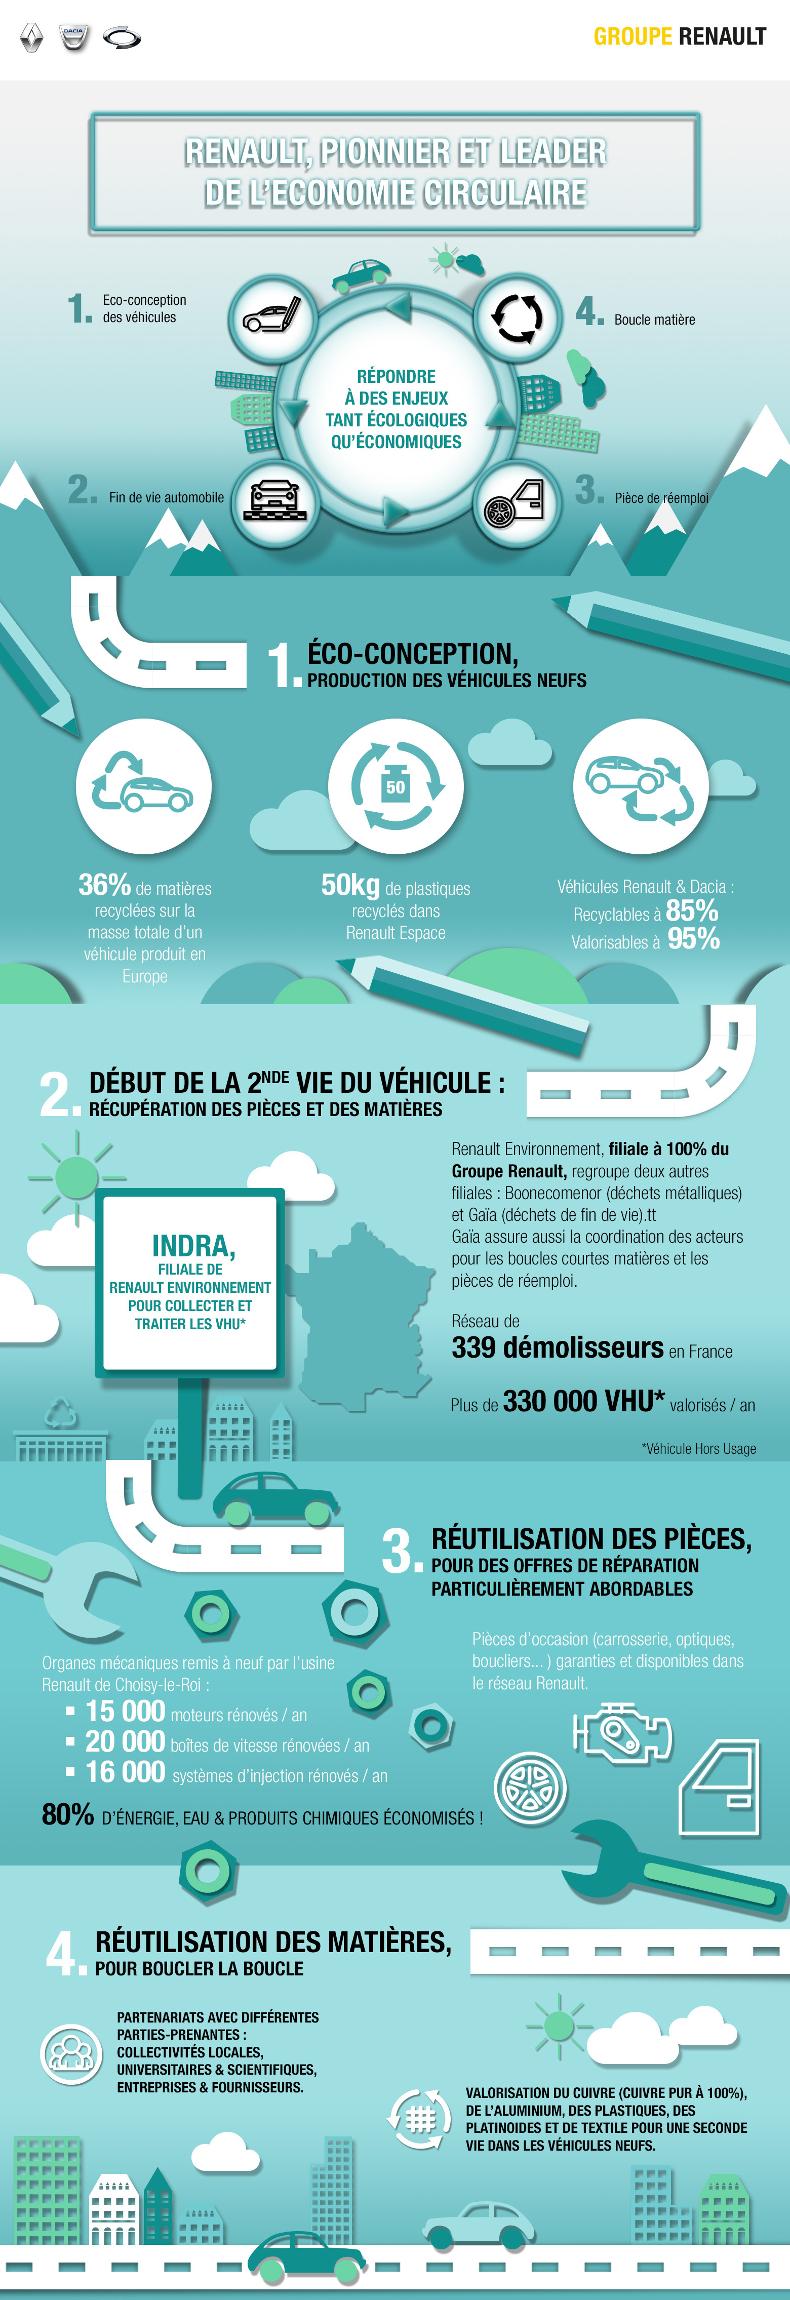 2017 - Renault economie circulaire cycle de vie des vehicules